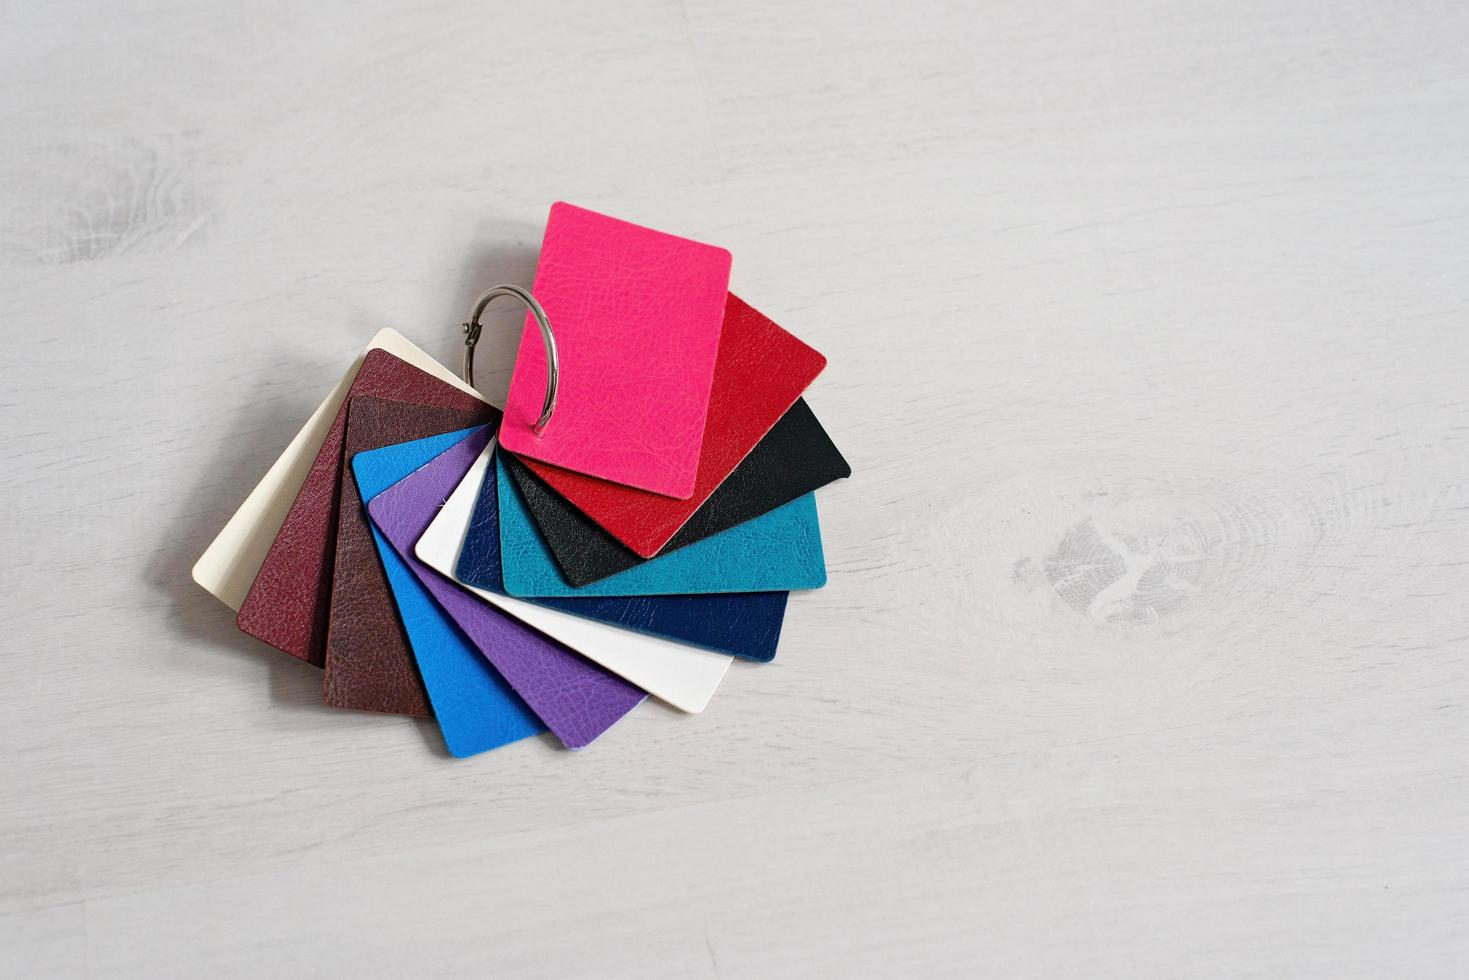 kleurrijke modestalen van echt leer, moderne winkels, industrieconcept. paletcatalogus met kleurleerstalen. omslag ontwerp. foto